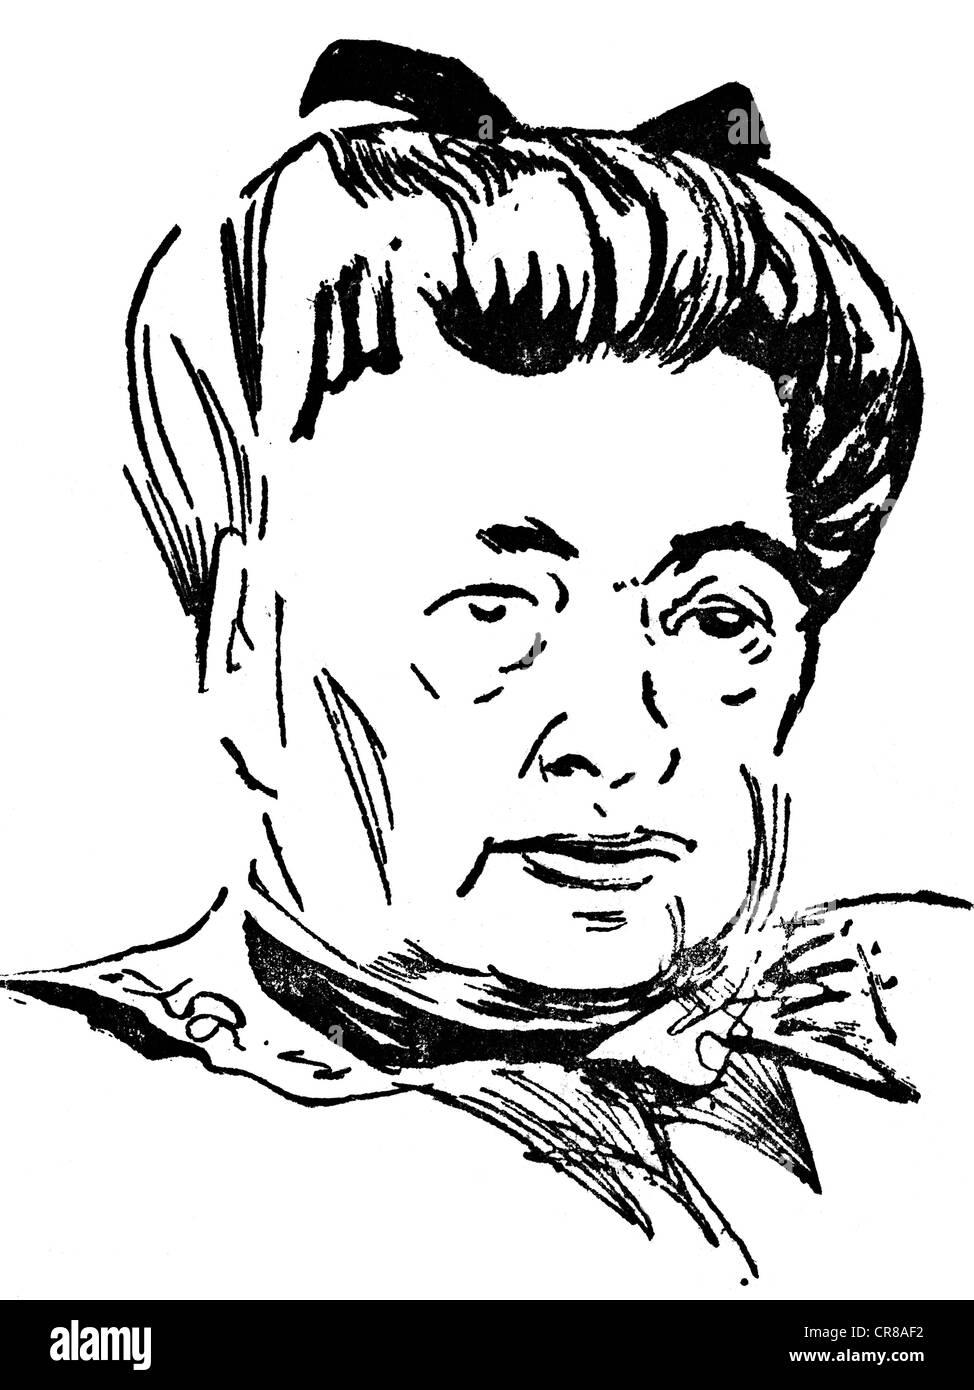 Suttner, Bertha-von-, 9.6.1843 - 21.6.1914, österreichische Pazifistin und Schriftstellerin, Portrait, Zeichnung Stockbild